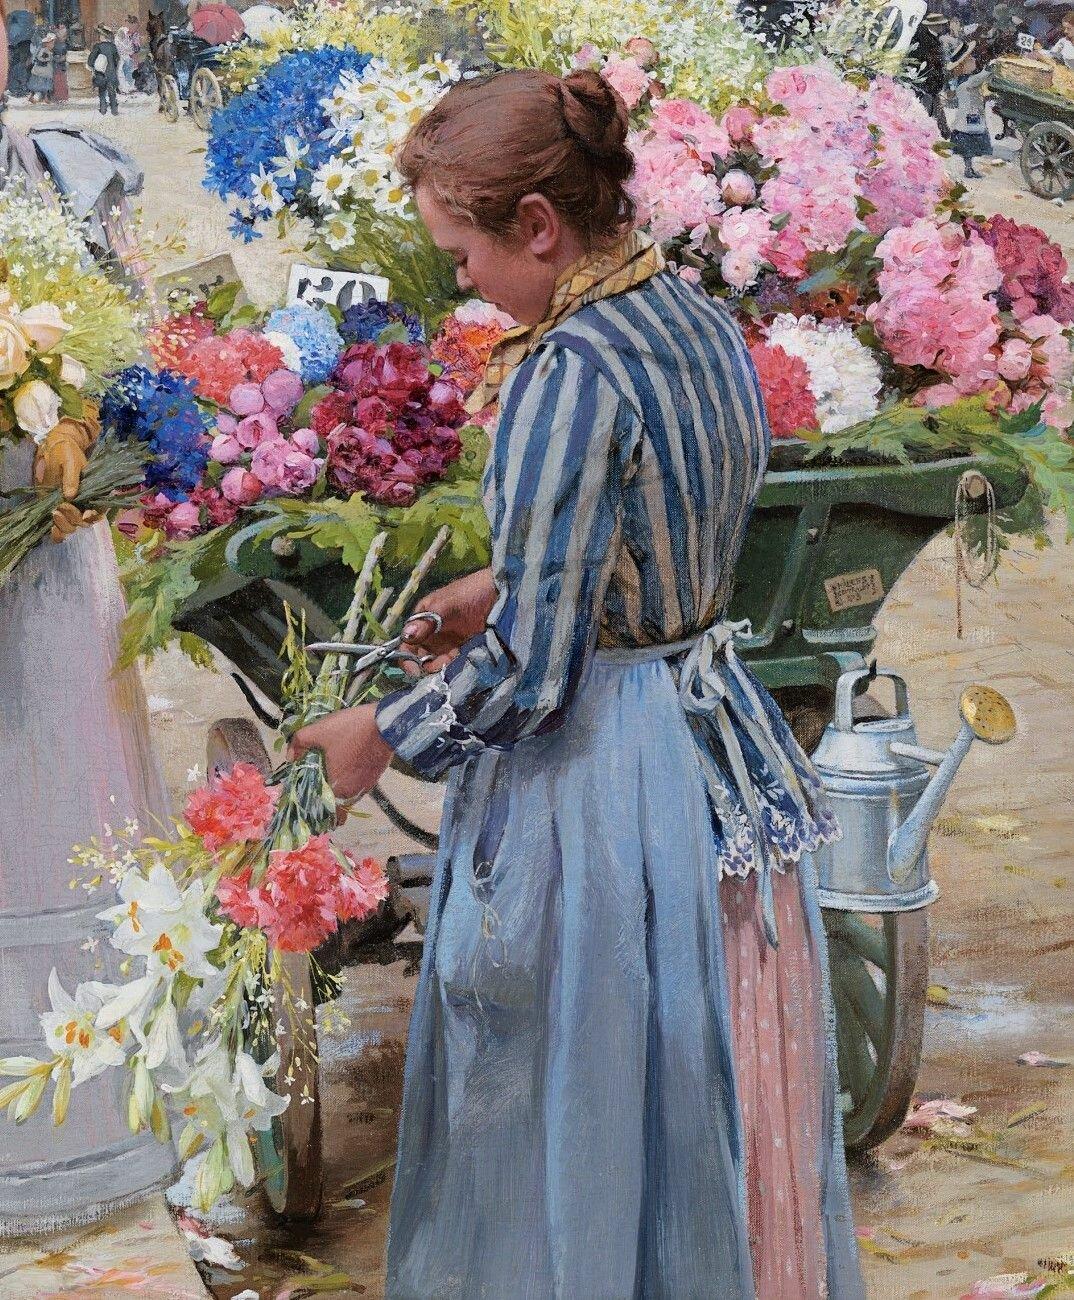 картинка продавщица цветов на улице самое